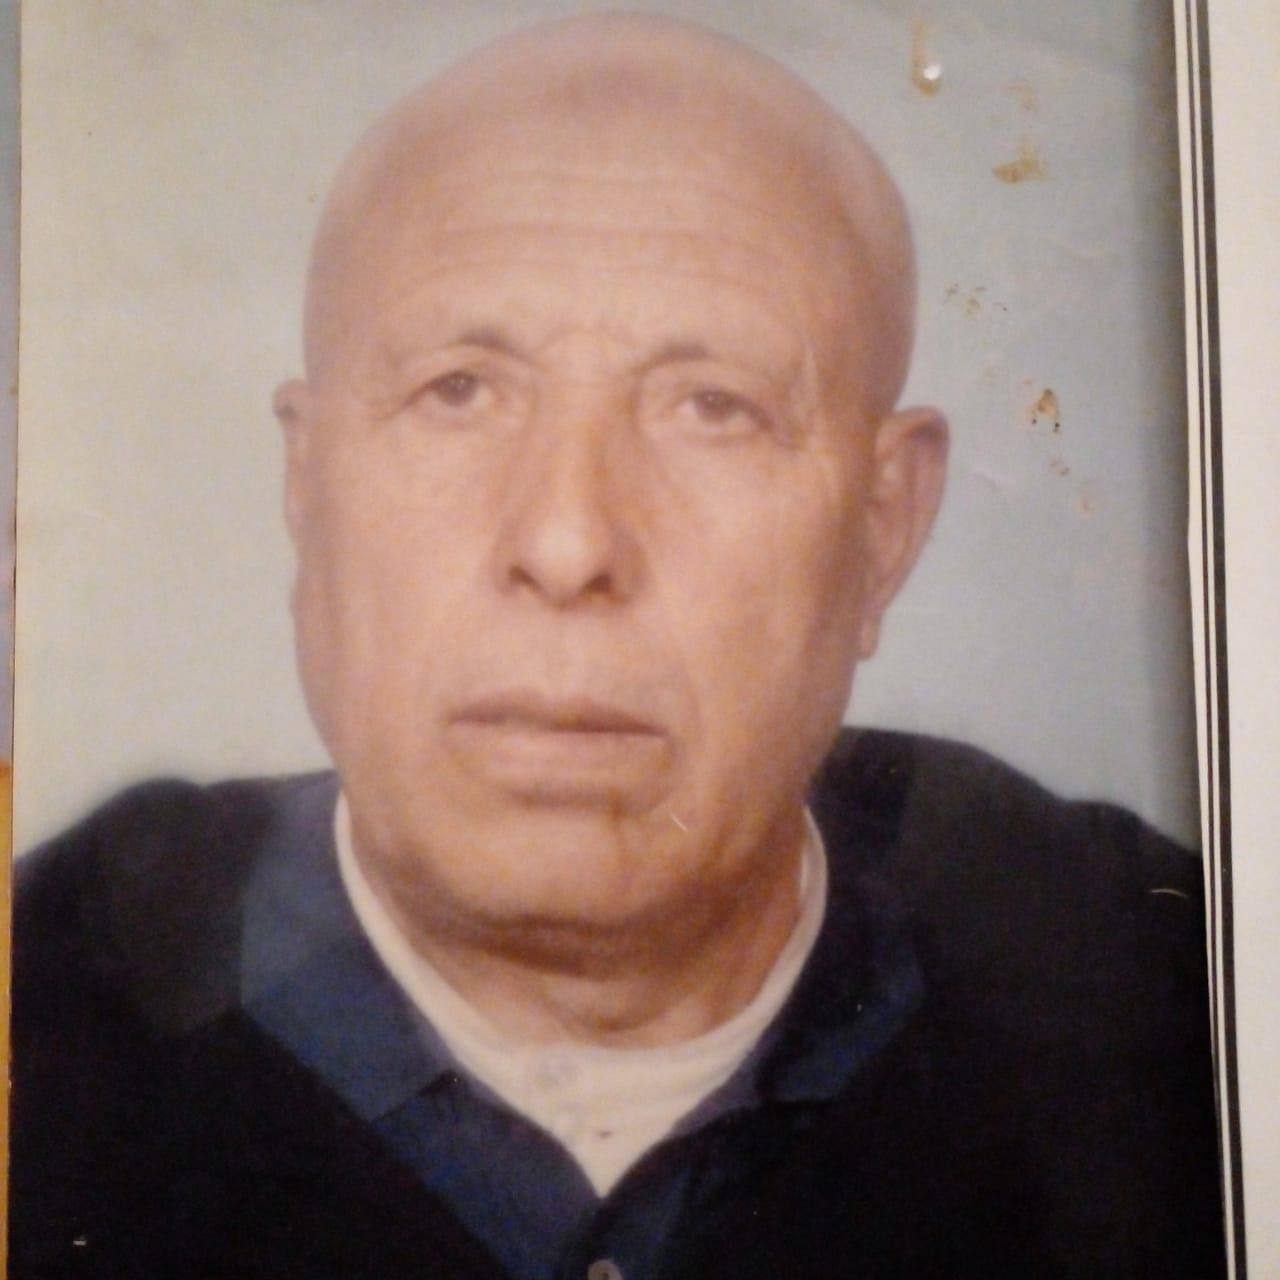 تعزية في وفاة السيد محمد برغاش التجاني